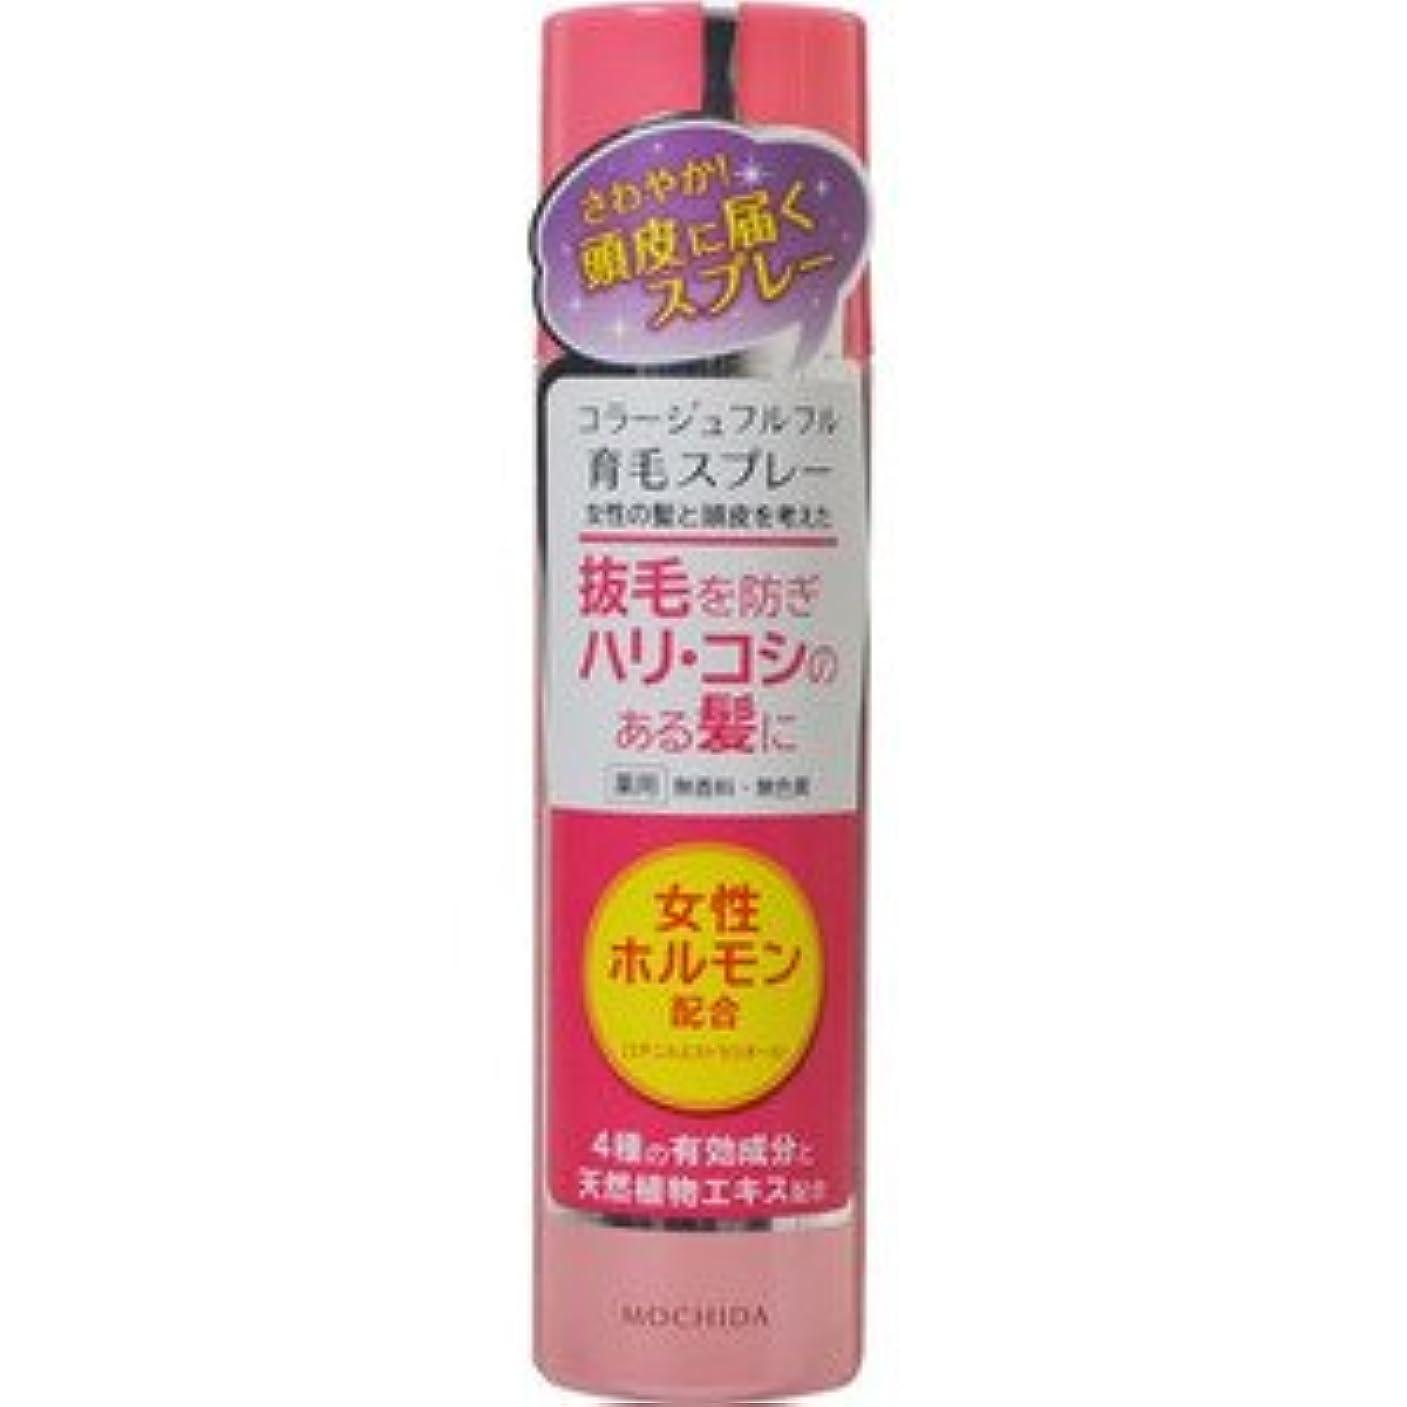 触手量ミルク(持田ヘルスケア)コラージュフルフル 育毛スプレー 150g(医薬部外品)